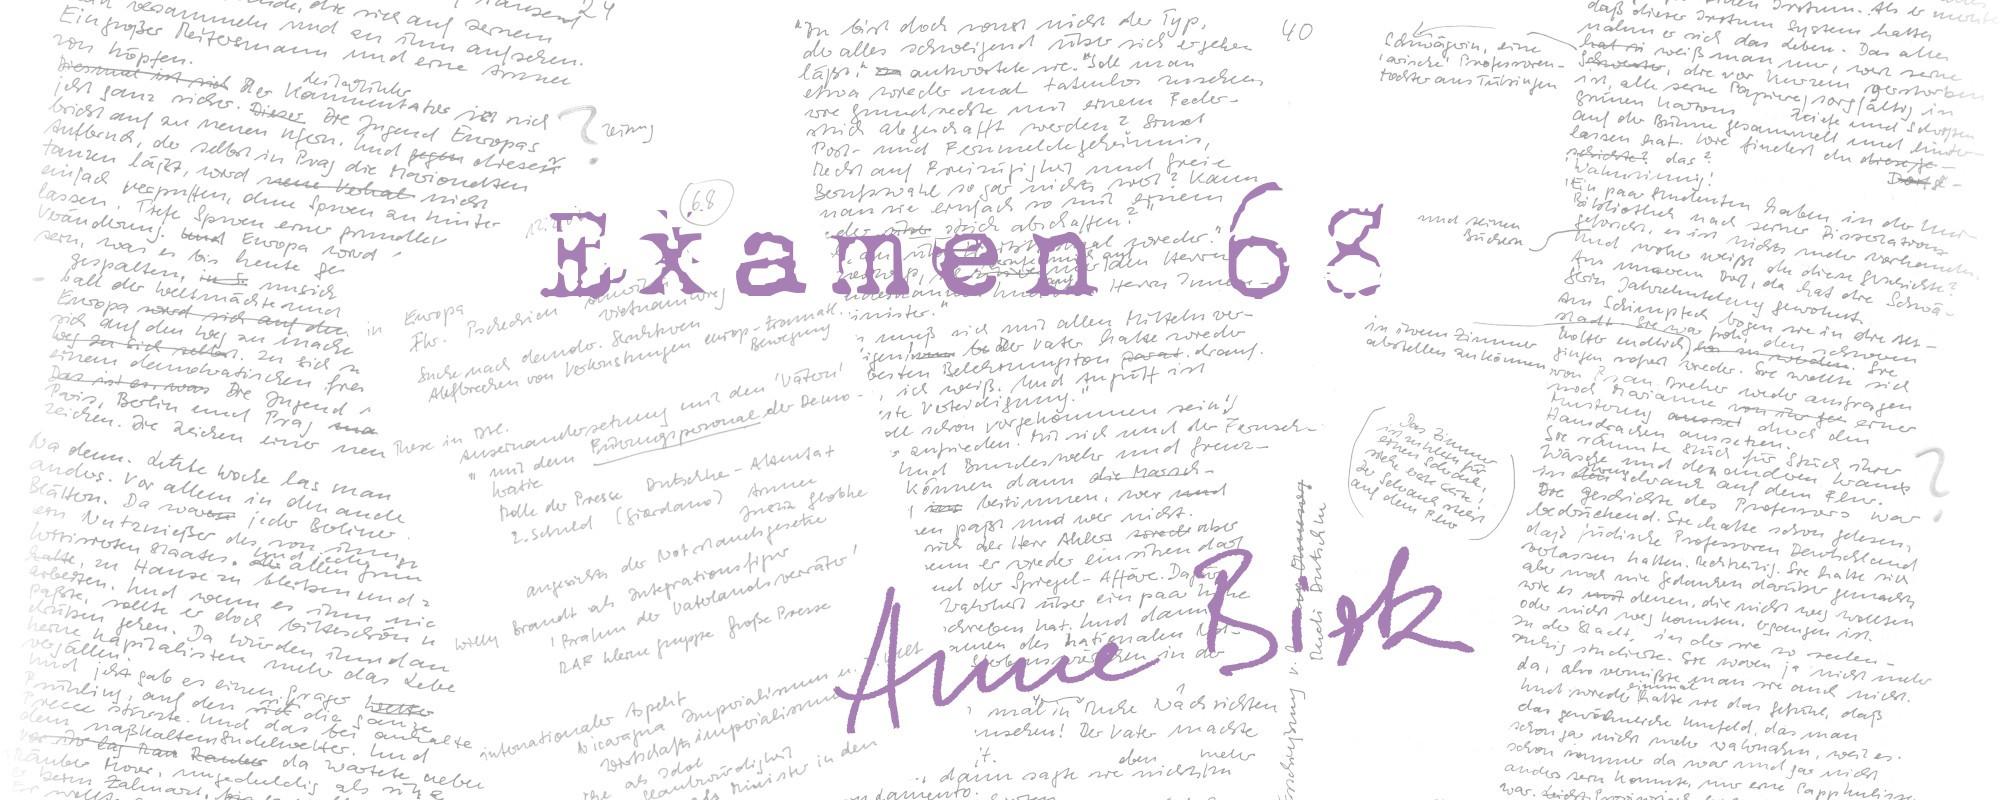 Anne-Birk-Examen-68-Schriftbild